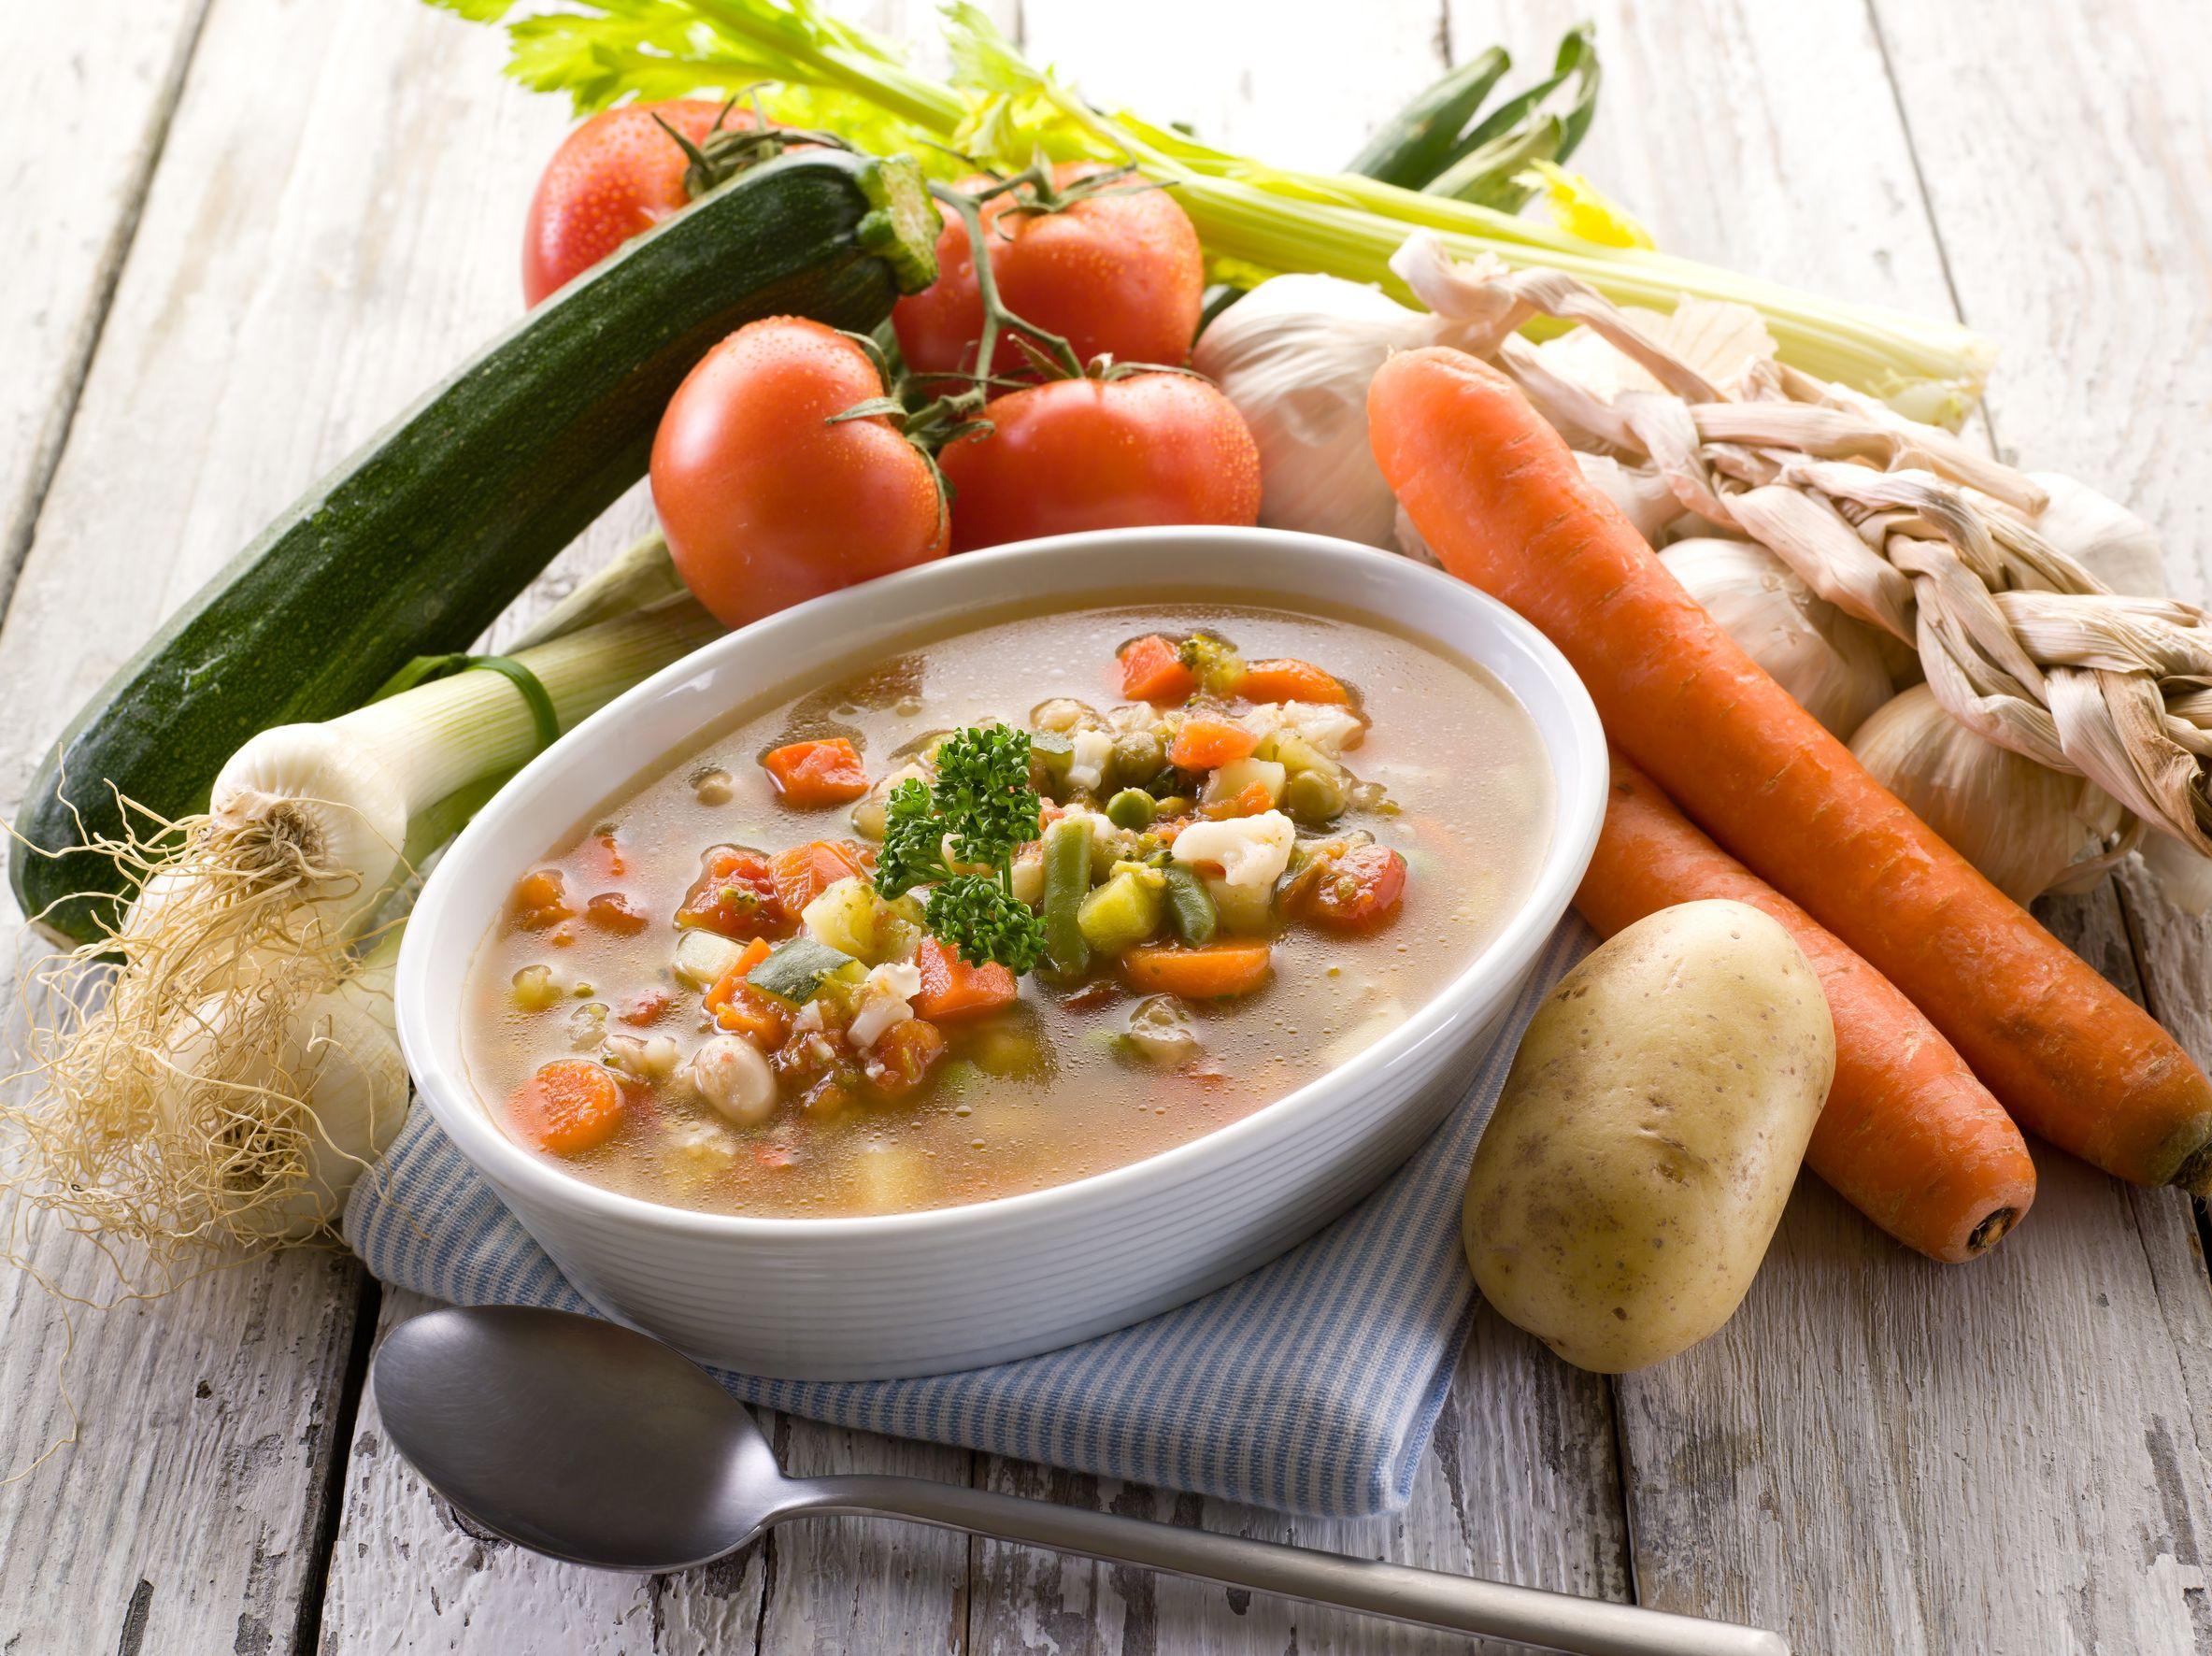 Принцип приготовления супа из овощей